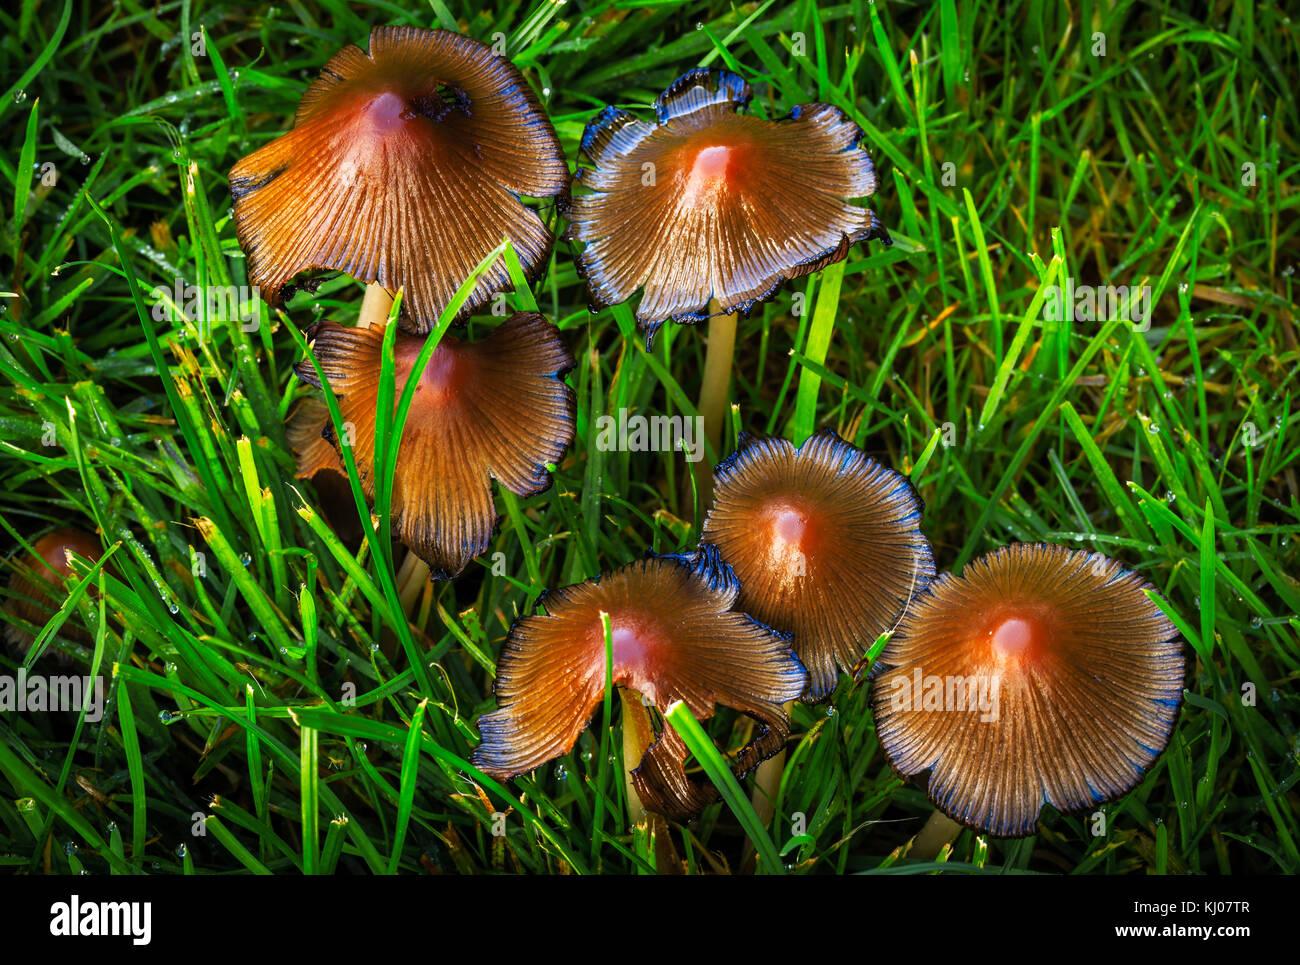 Glistening inky cap Coprinellus micaceus - Stock Image